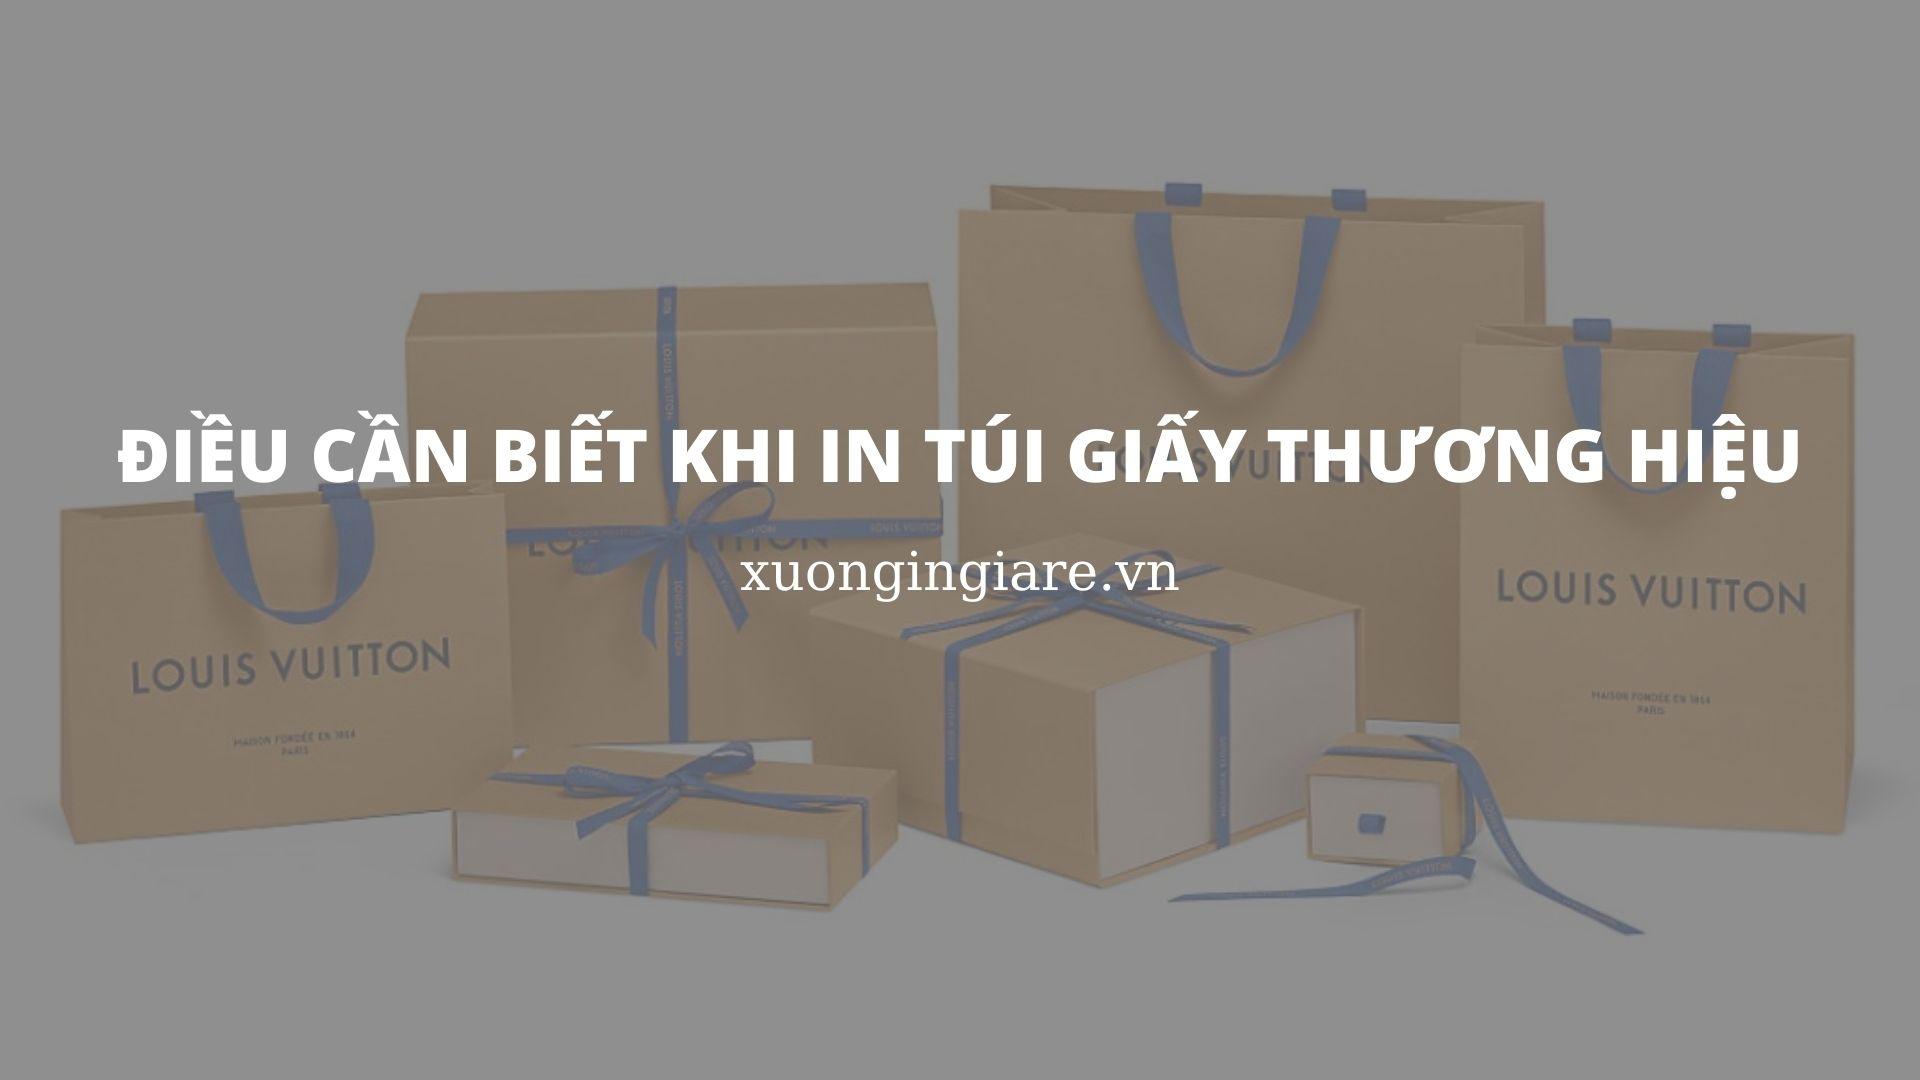 dieu-can-biet-khi-in-tui-giay-thuong-hieu